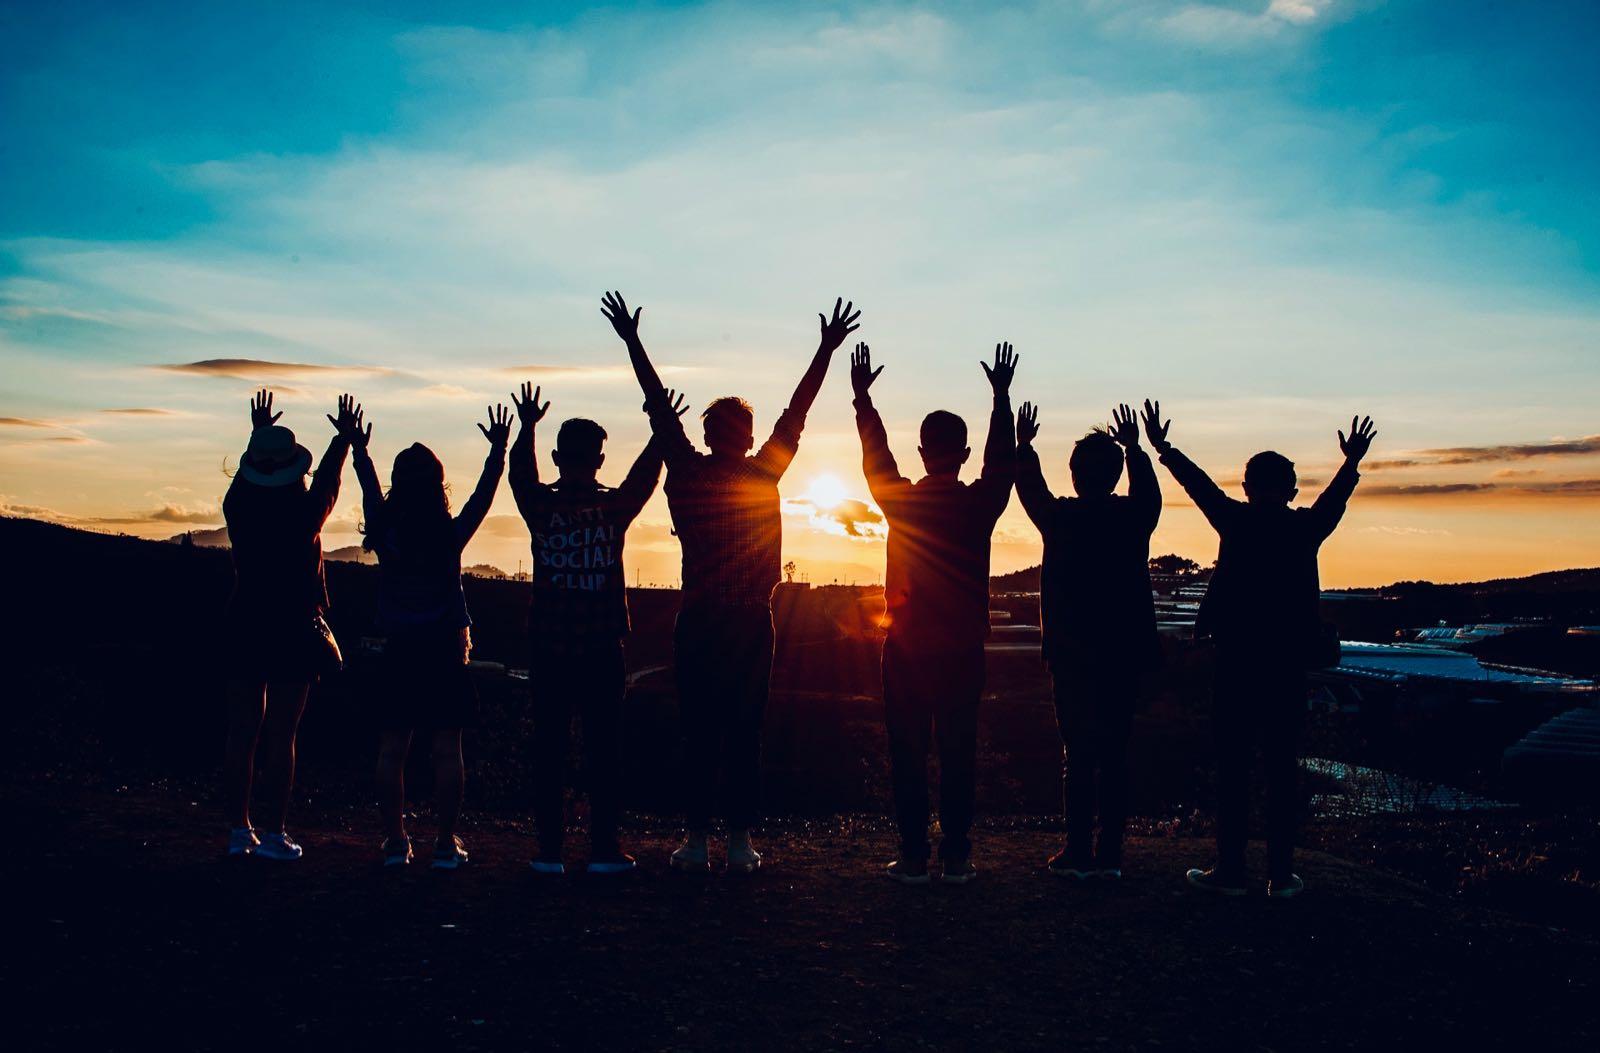 BILDBESCHREIBUNG: Gruppe junger Menschen beim Sonnenuntergang